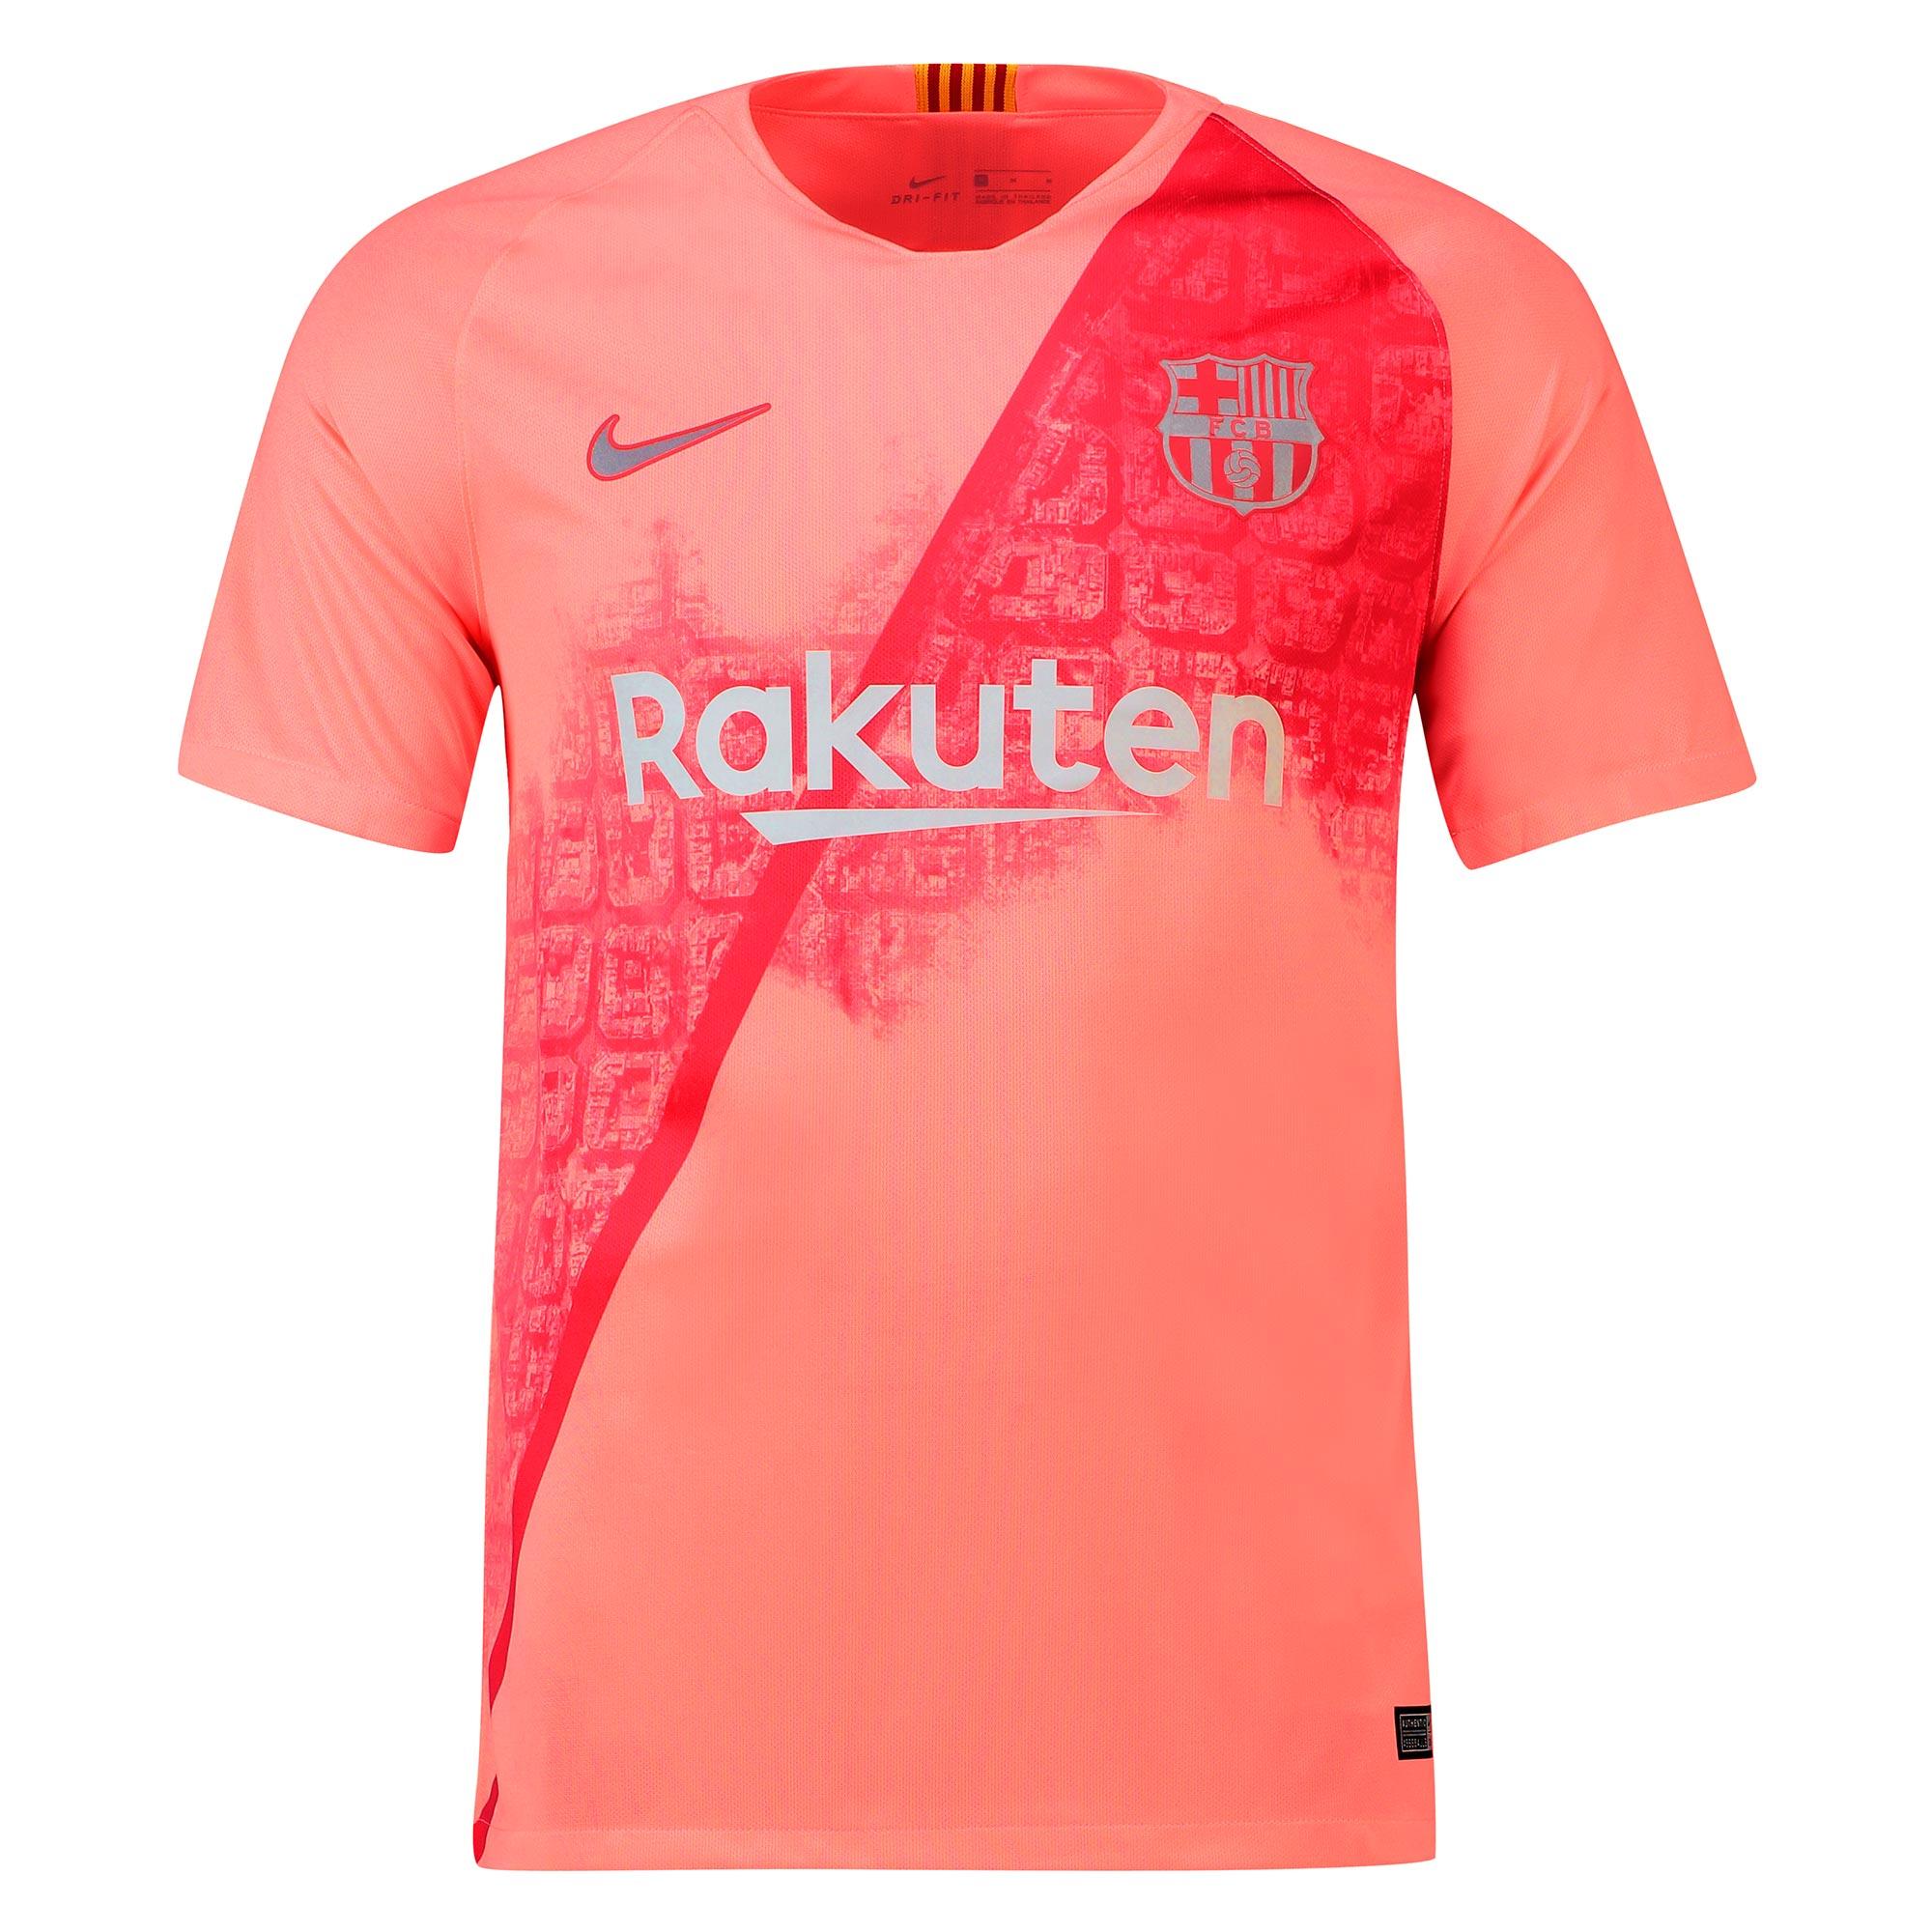 19af2113f barcelona 18 19 nike third kit c barcelona 18 19 nike third kit b